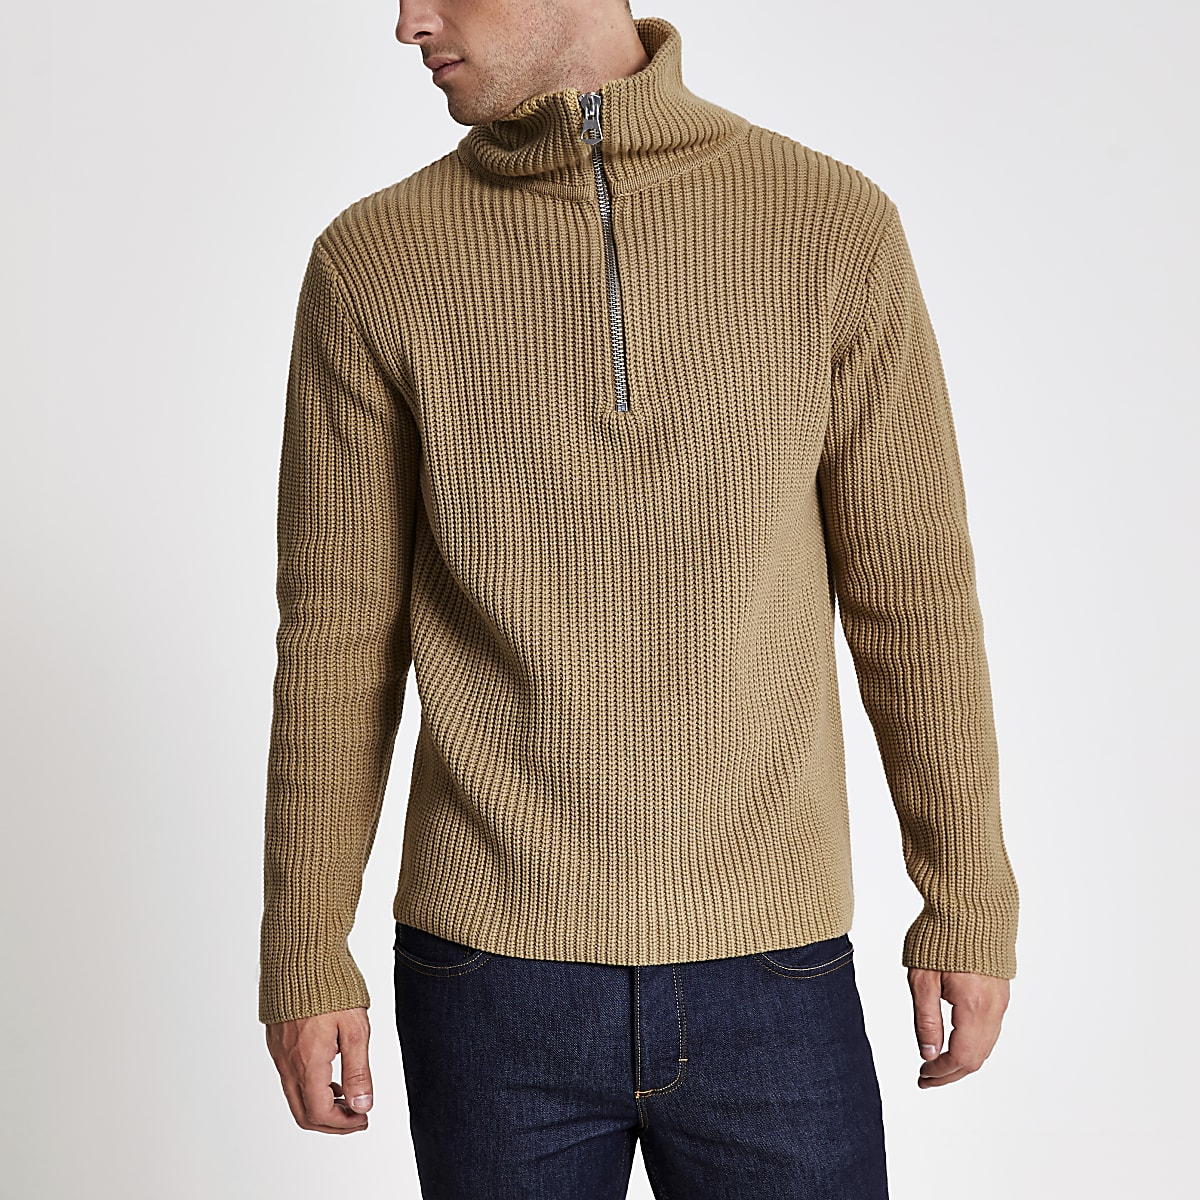 Beige zip funnel neck fisherman knit  jumper